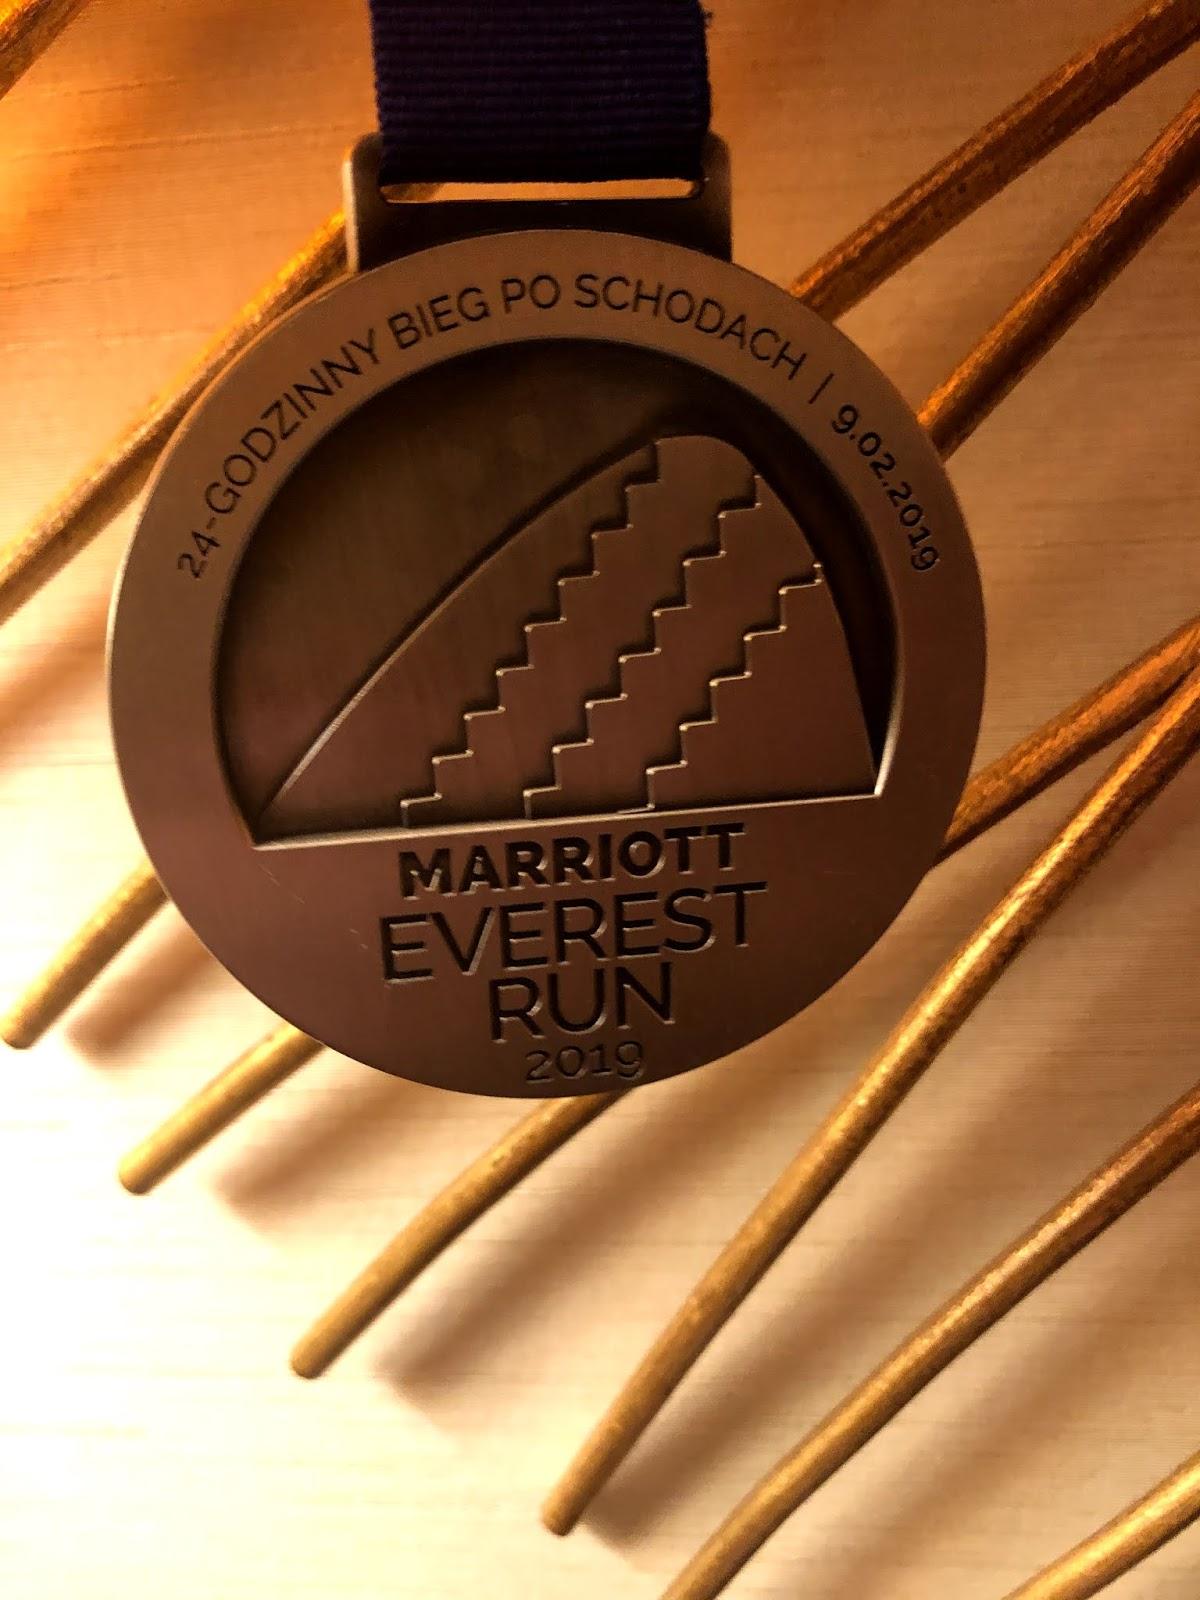 840 pięter w 8 godzin czyli Everest Run